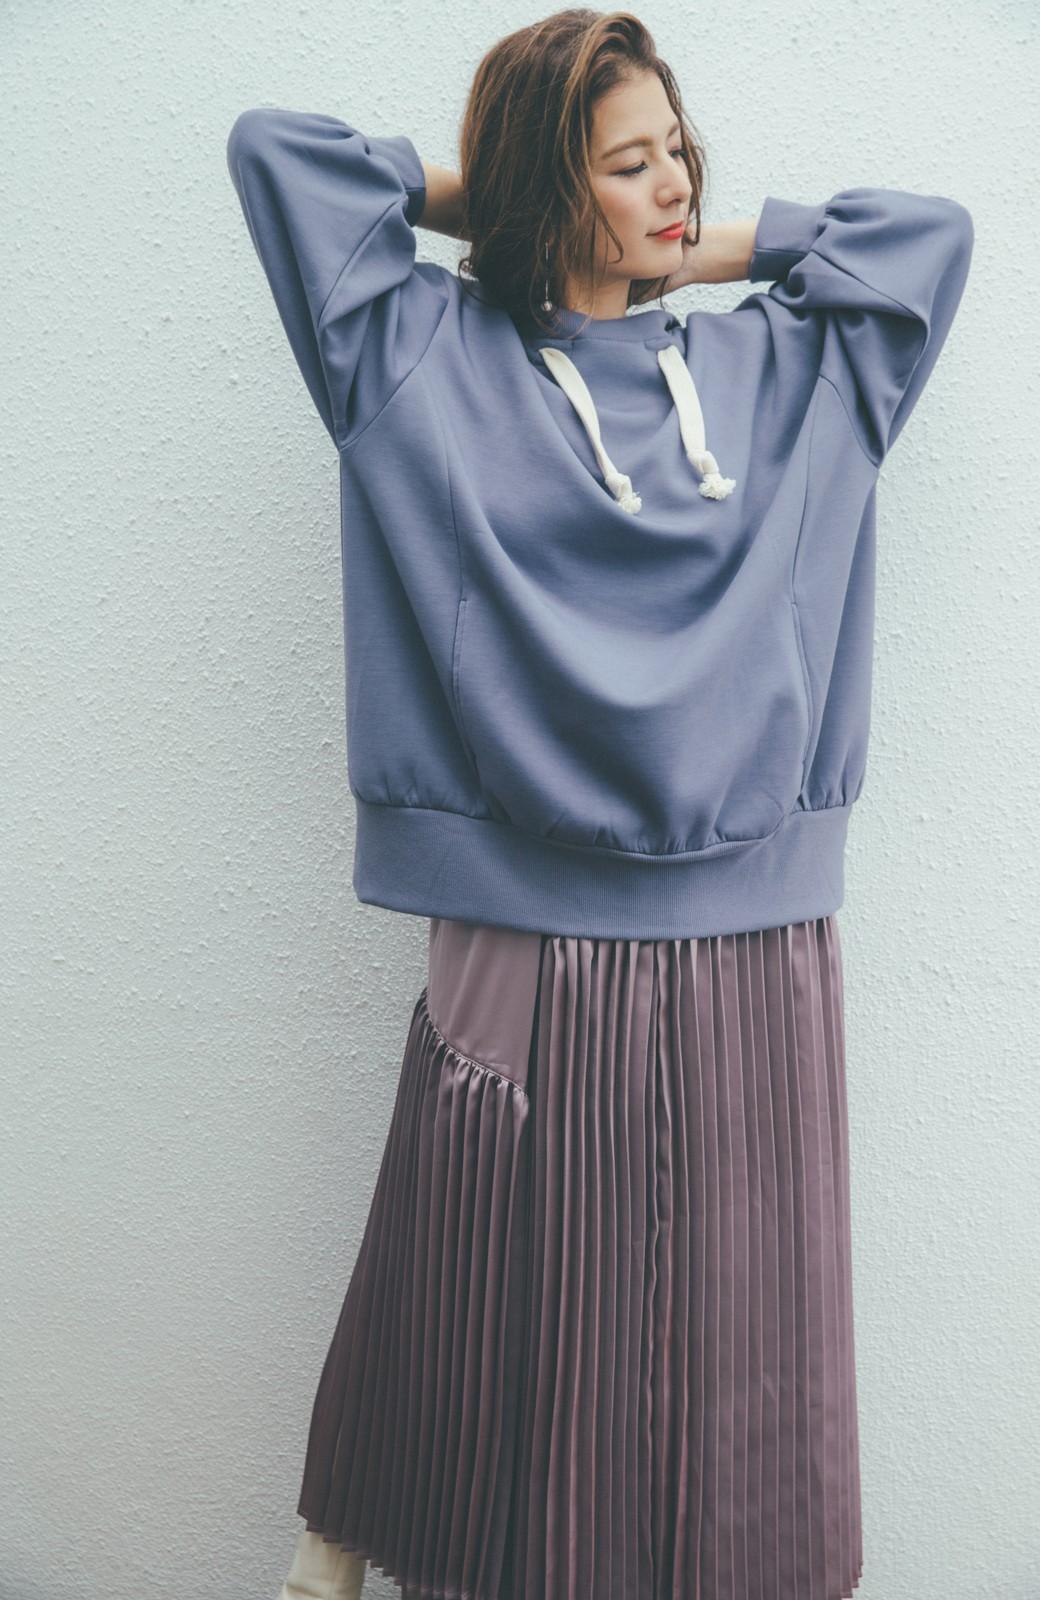 haco! 【スザンヌさんコラボ】オーバーサイズが華奢見せさせる 大人女子のためのスウェット風ビッグパーカー by LOVE&PEACE PROJECT <ラベンダー>の商品写真8